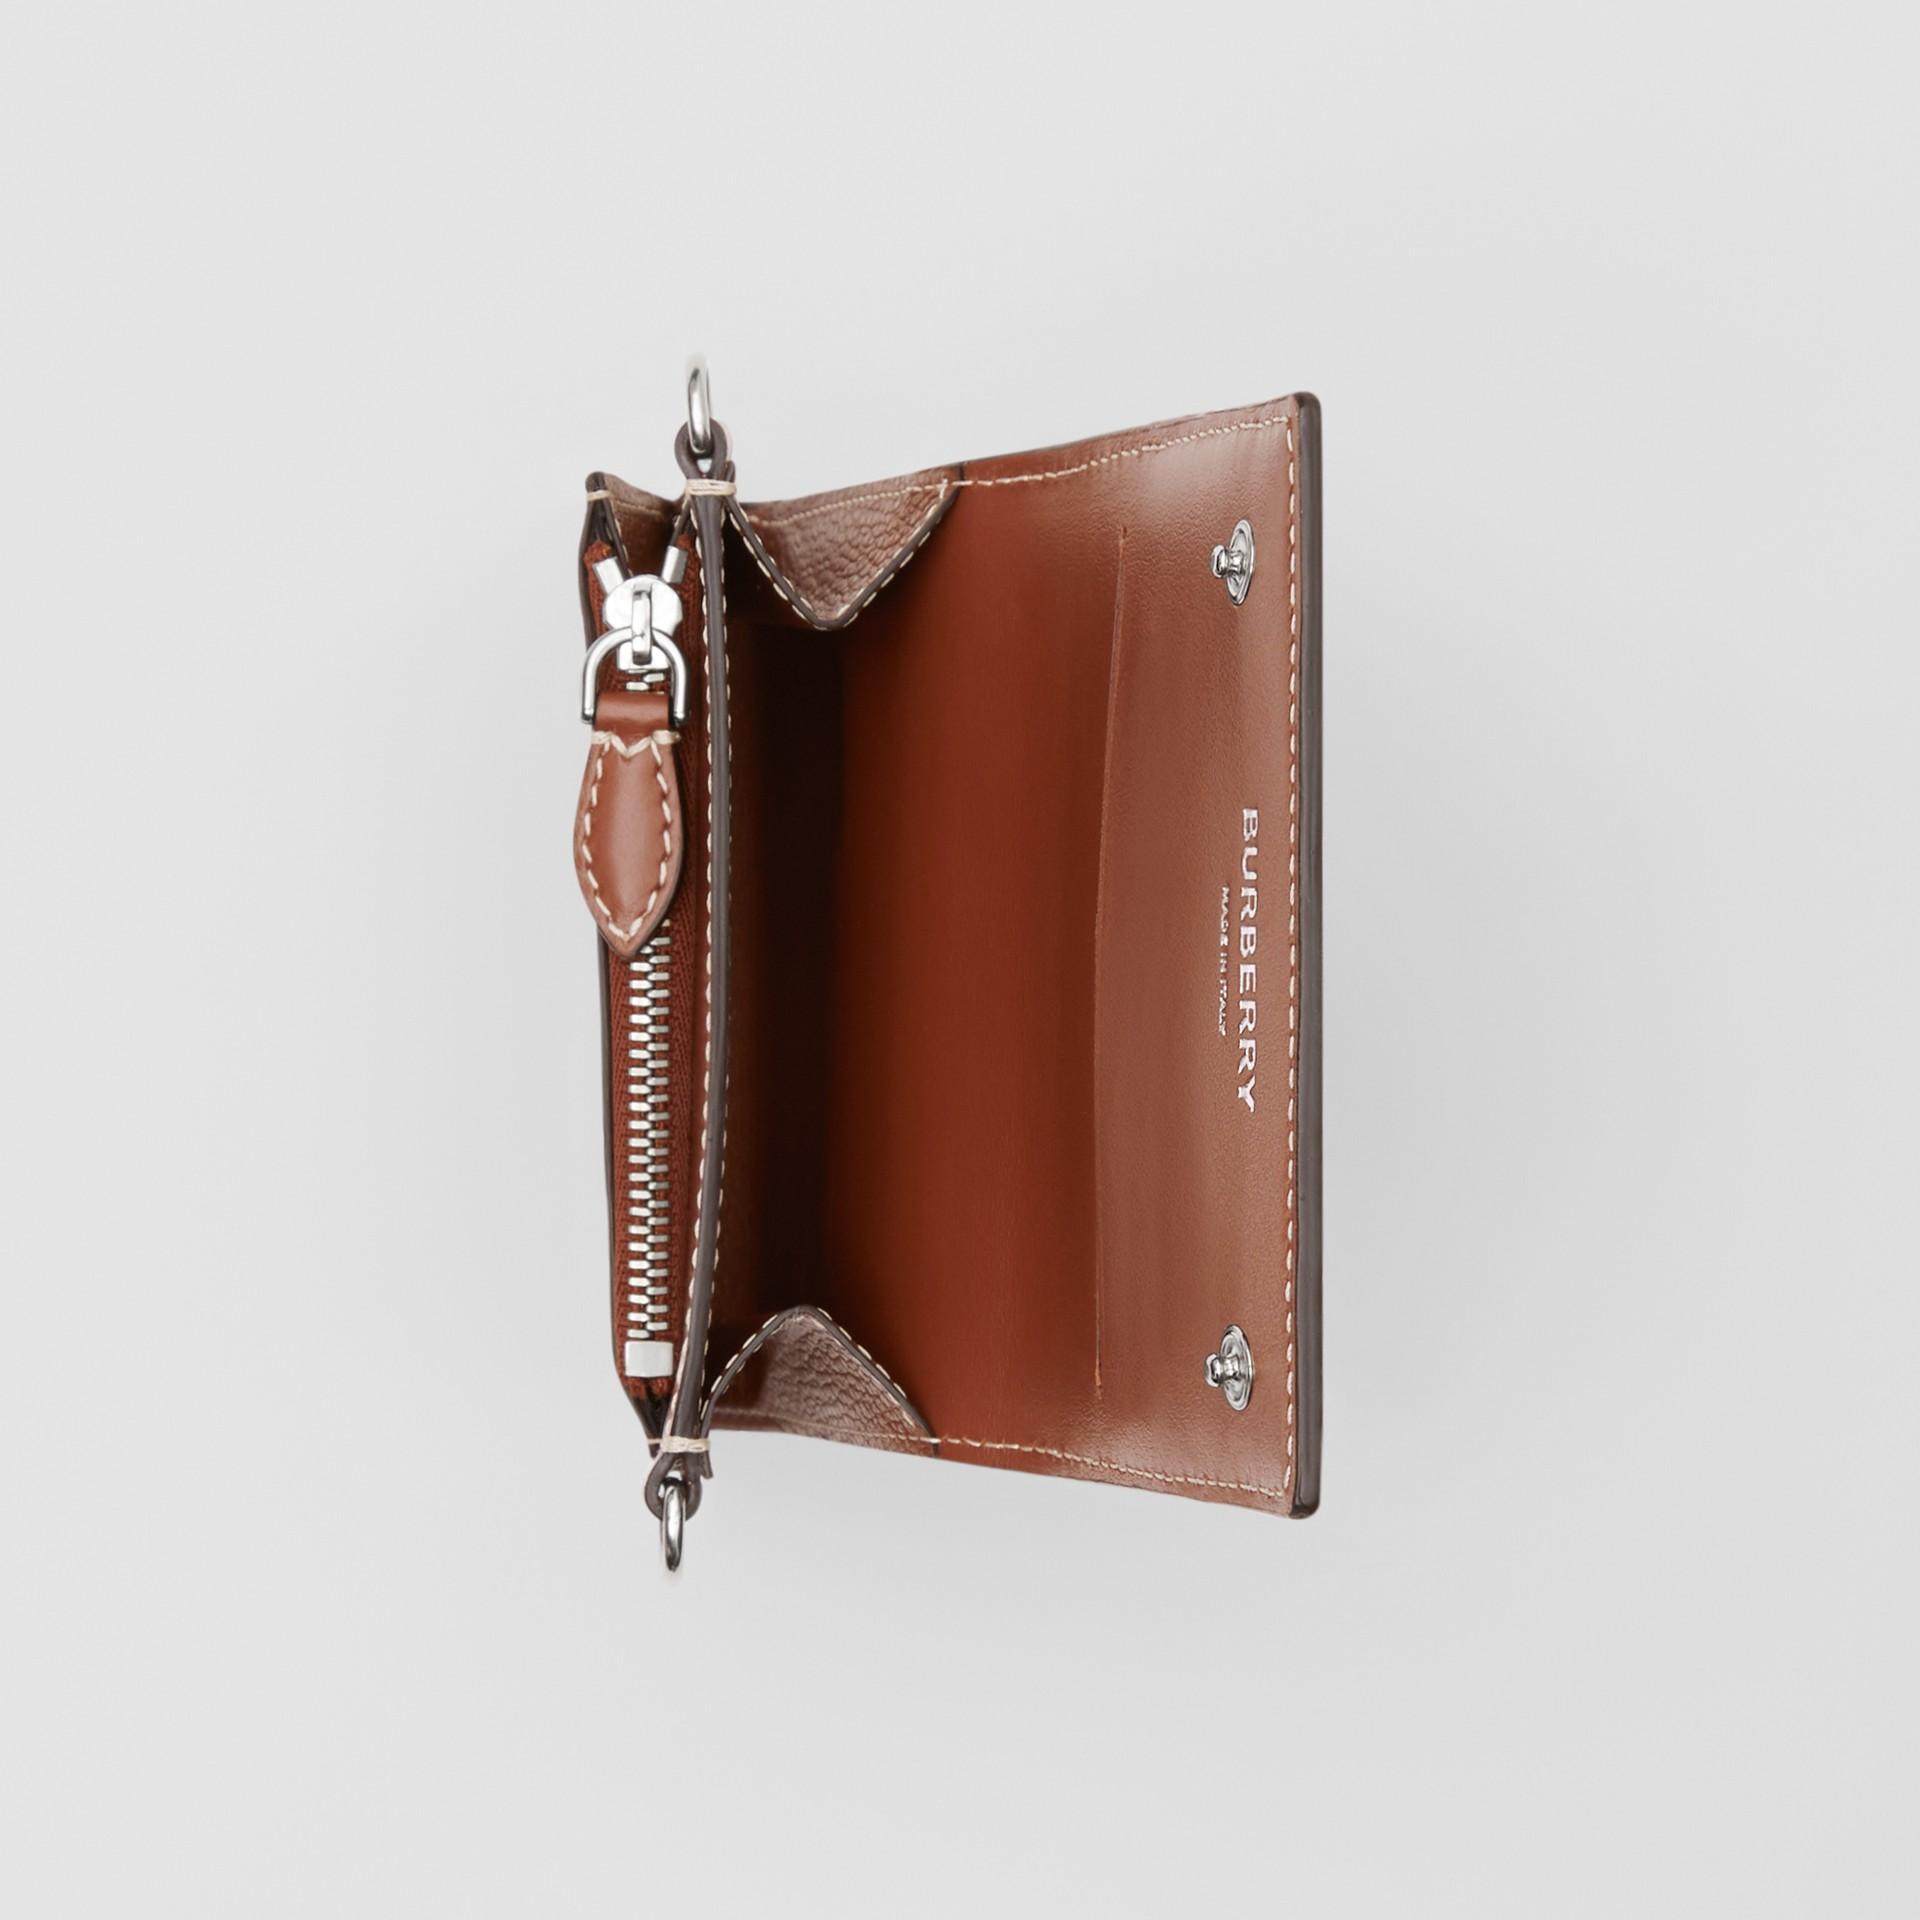 スモール グレイニーレザー ウォレット ウィズ デタッチャブルストラップ (タン) | バーバリー - ギャラリーイメージ 5